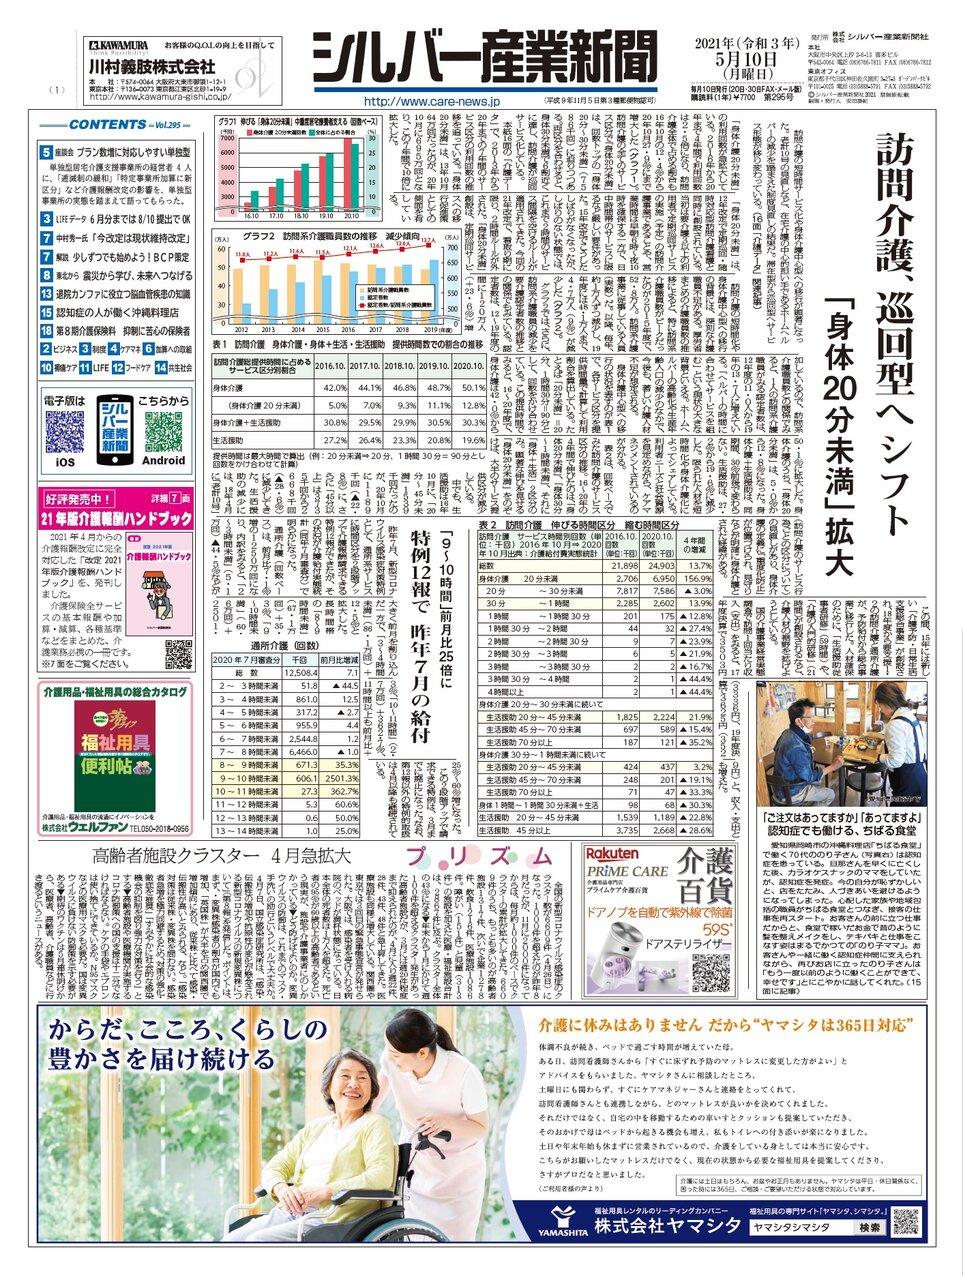 シルバー産業新聞 5月10日号 を発刊しました